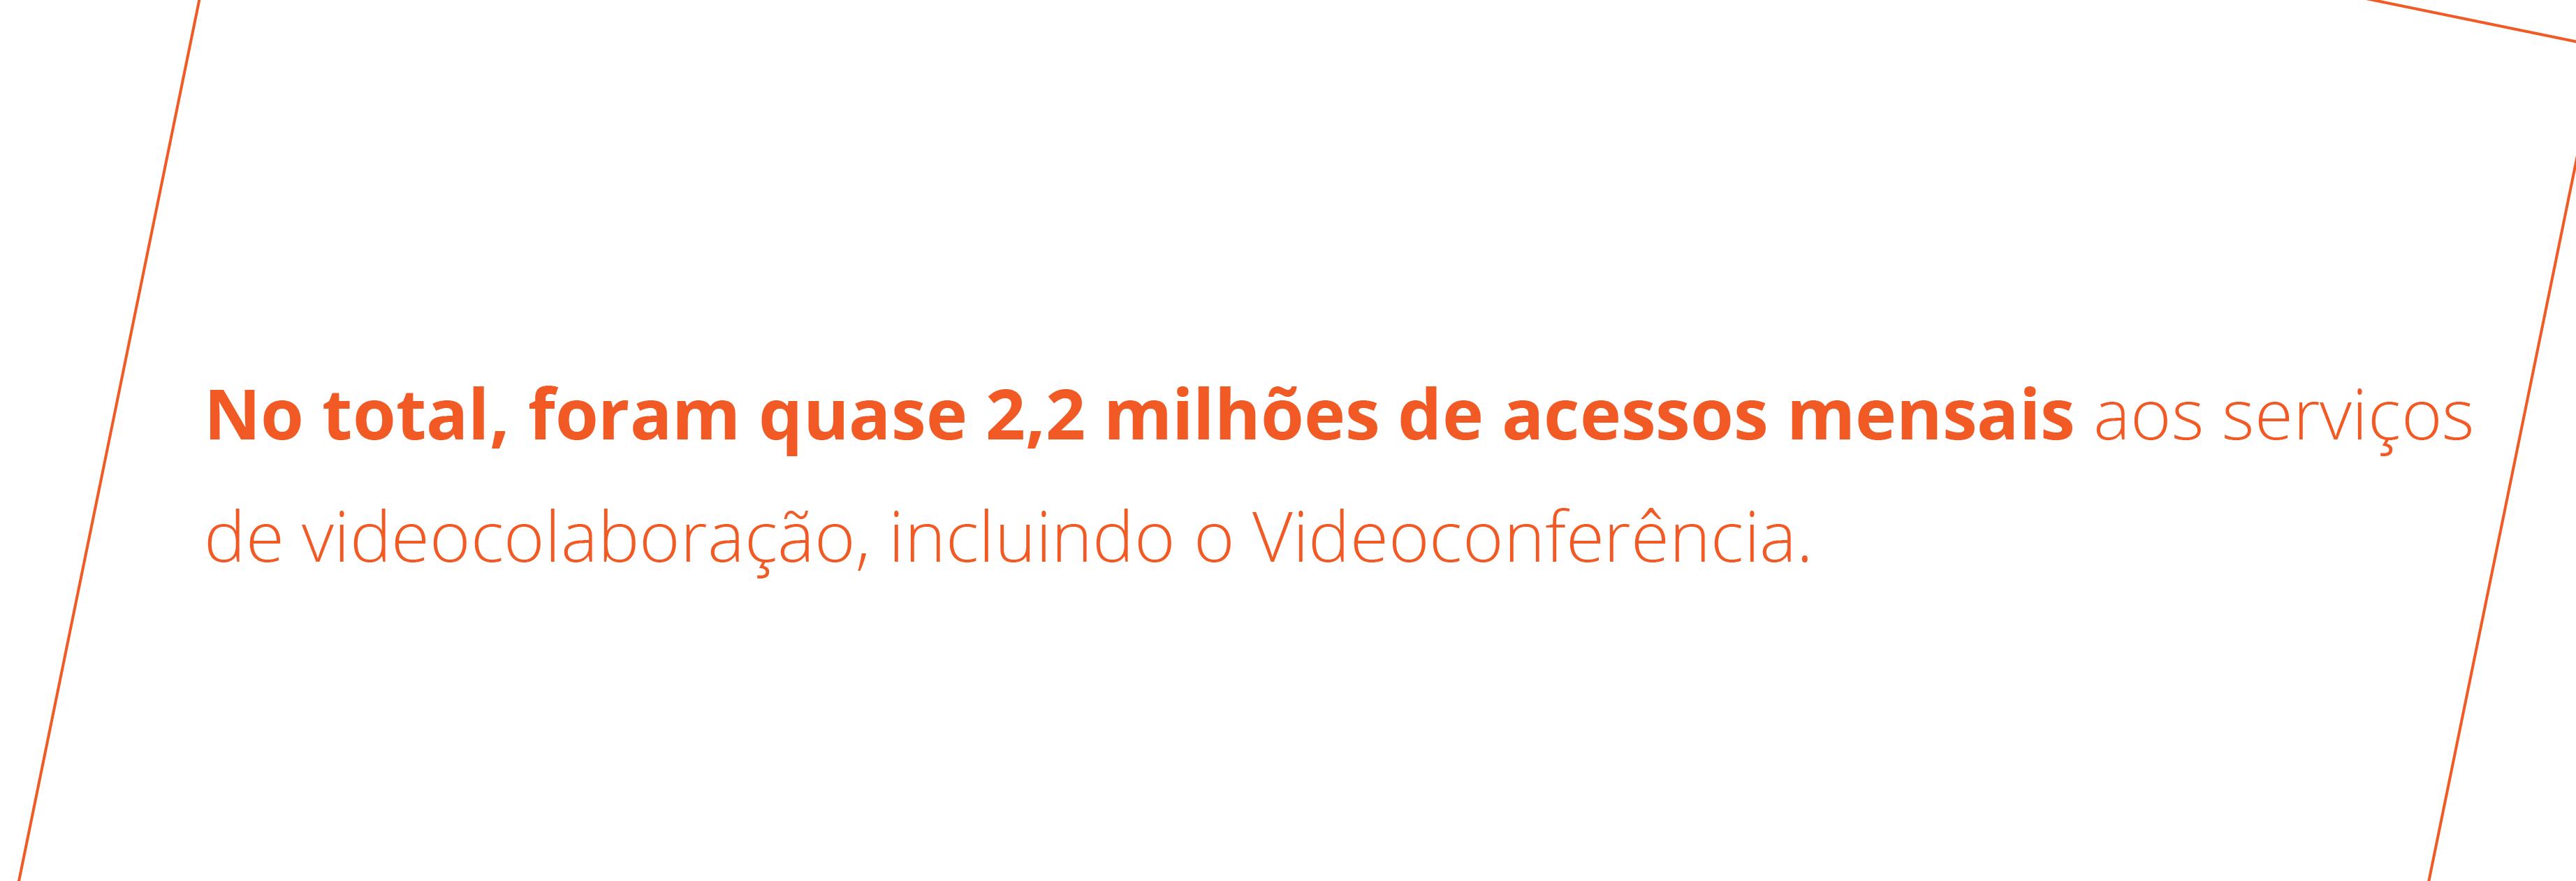 Unidos pela videocolaboração